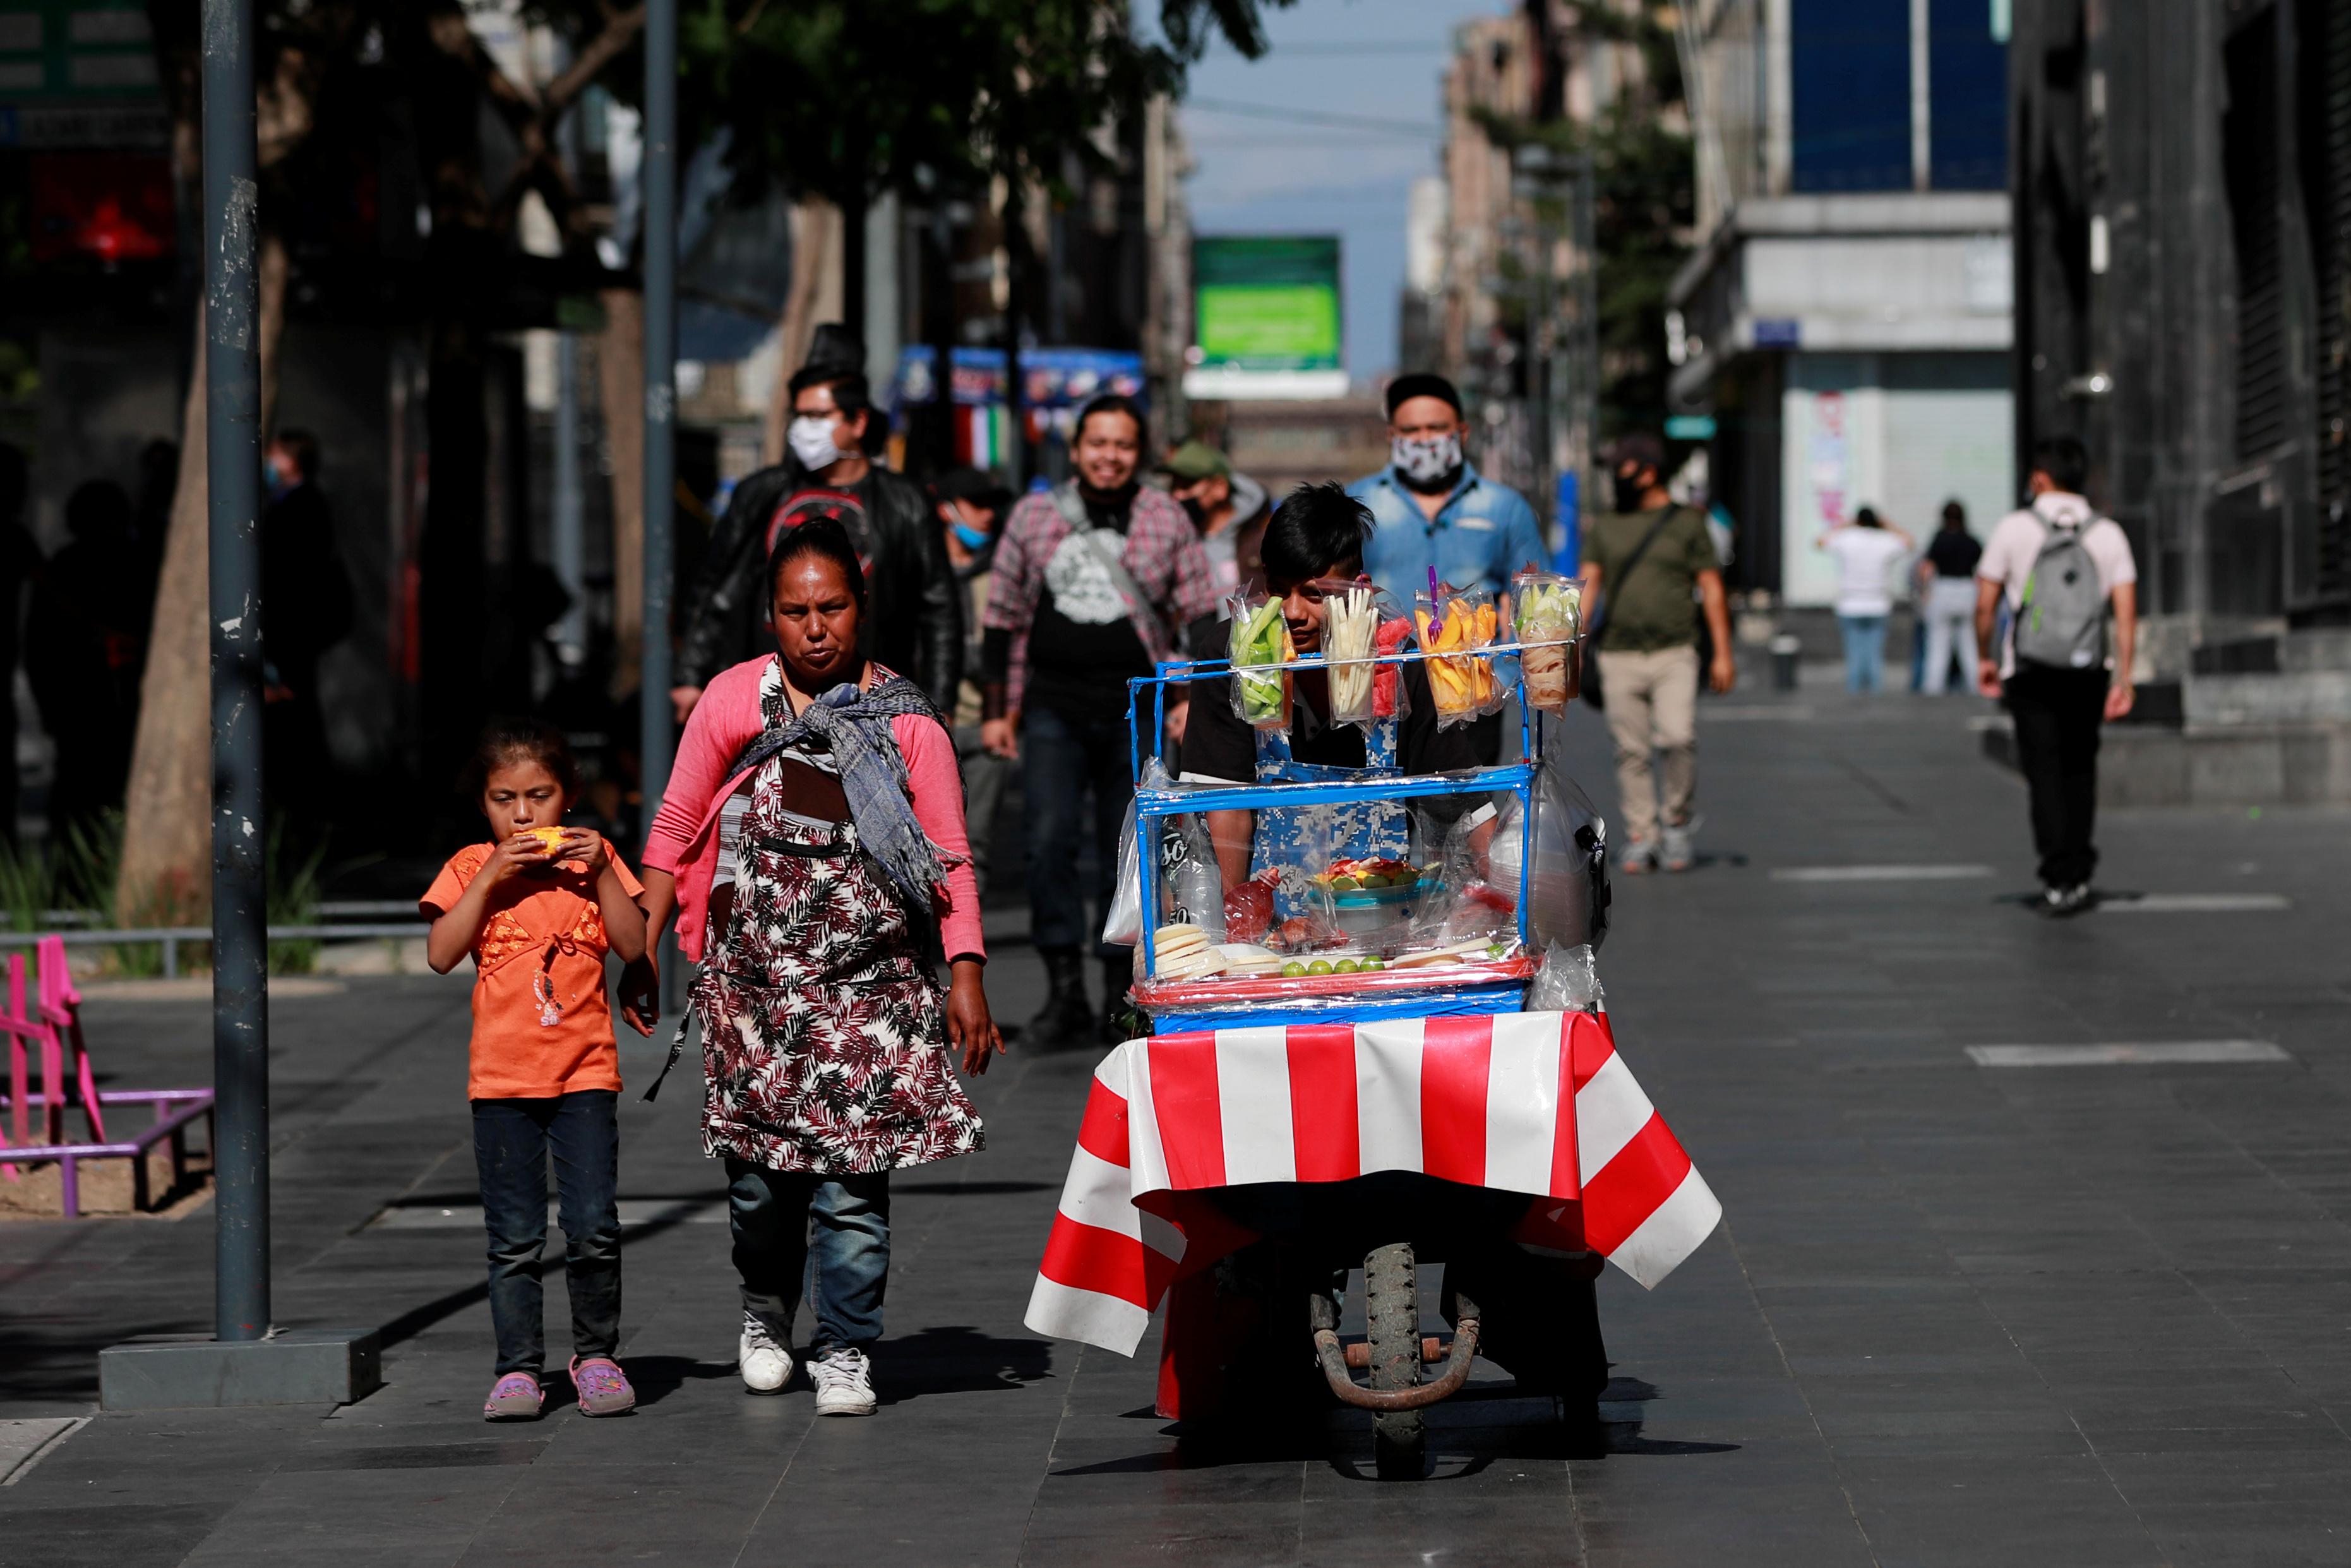 Se ve a un vendedor ambulante en la calle mientras el brote de la enfermedad por coronavirus (COVID-19) continúa en la Ciudad de México, México, 14 de junio de 2020. Foto: Reuters.